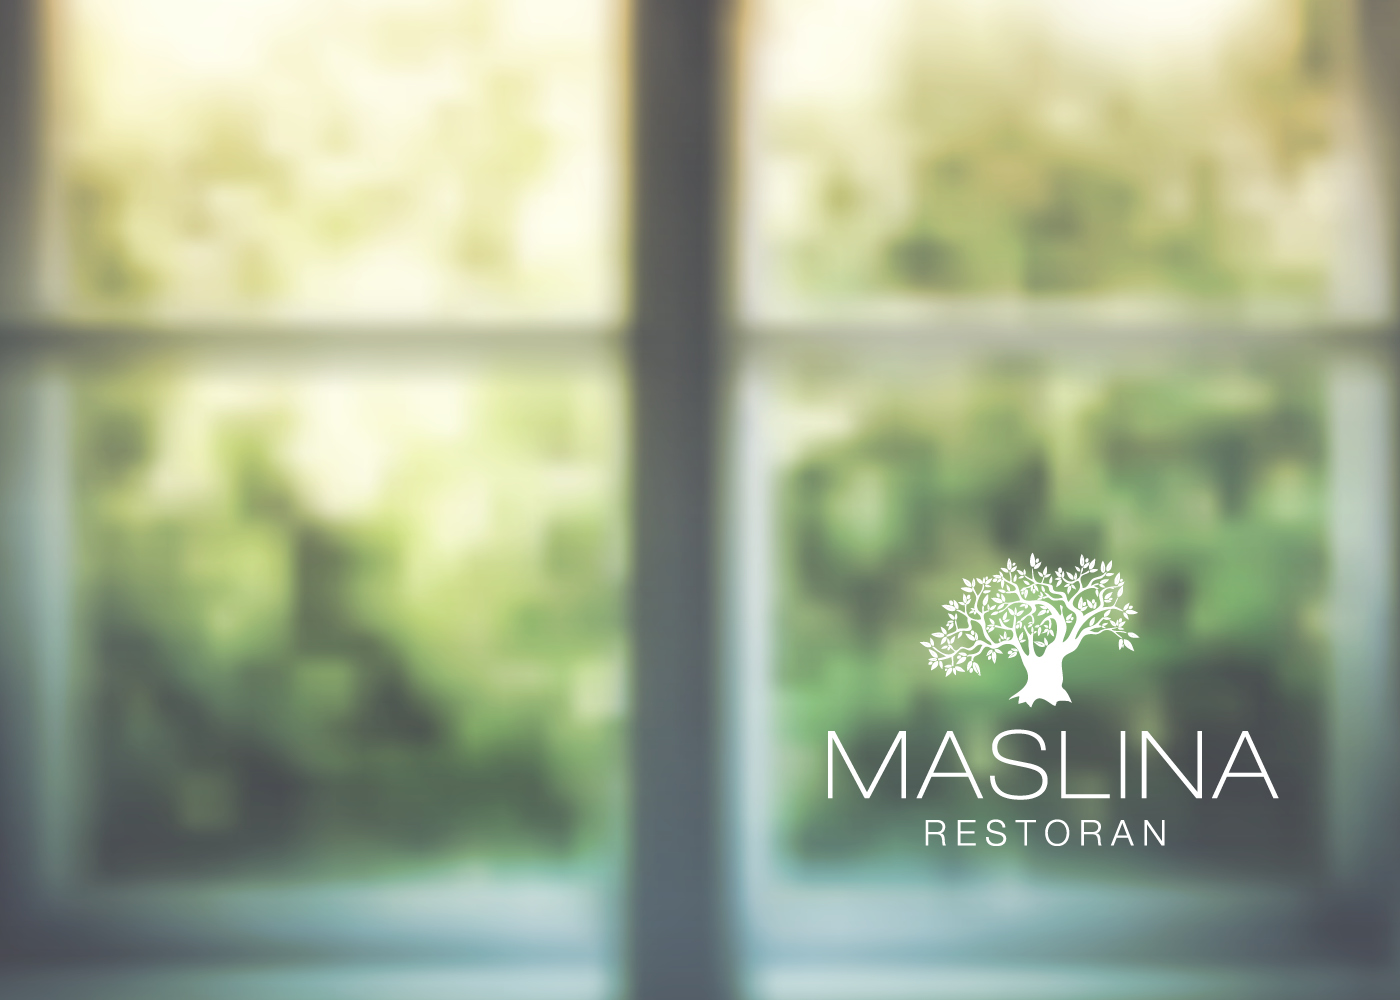 Dizajn logotipa Restoran Maslina